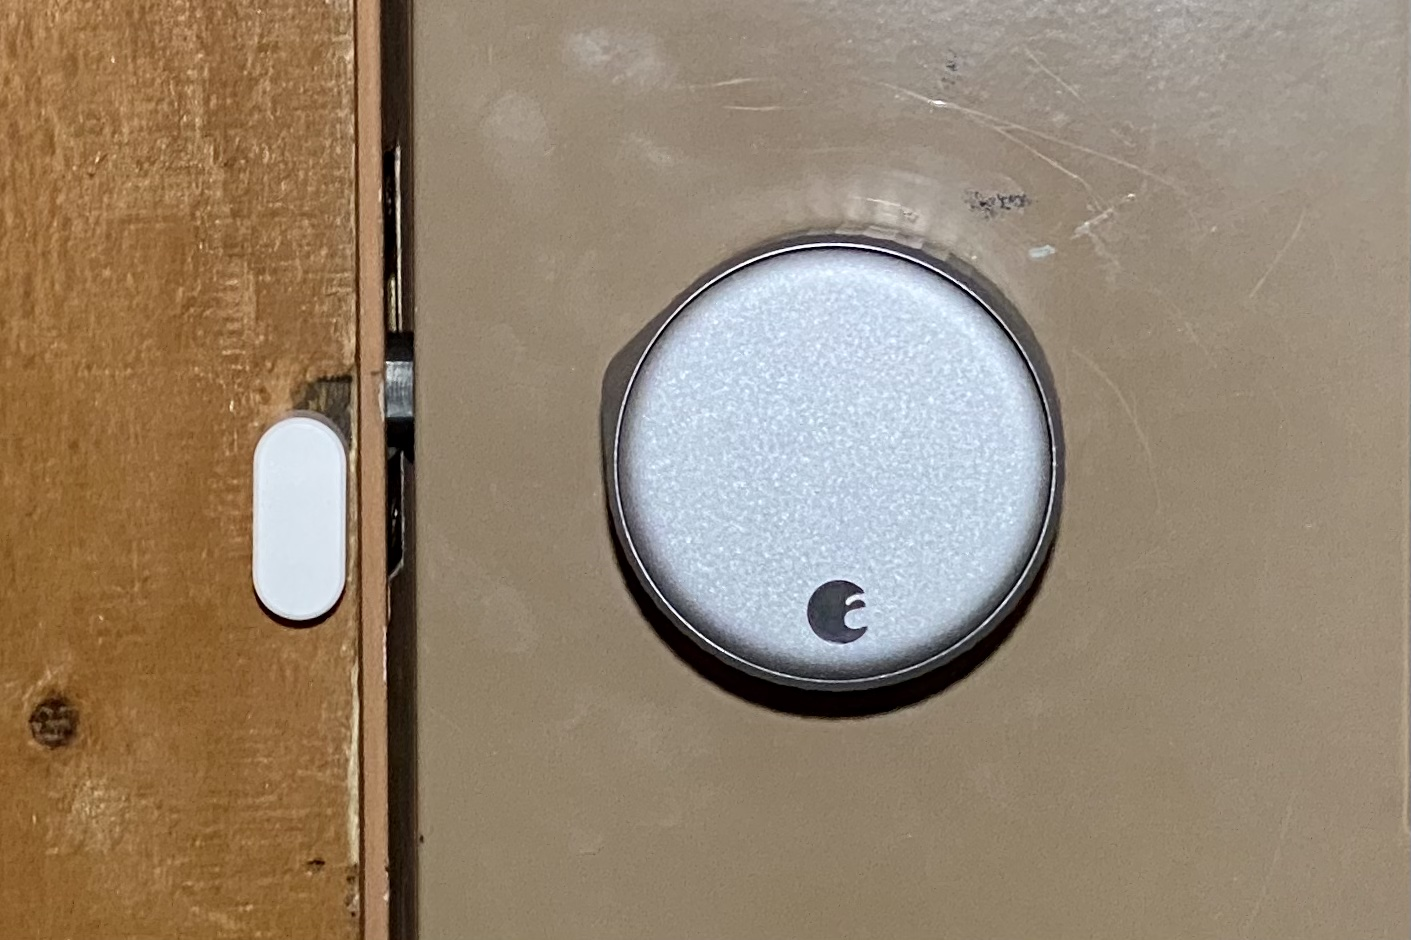 August Wi-Fi Smart Lock Review 4th gen